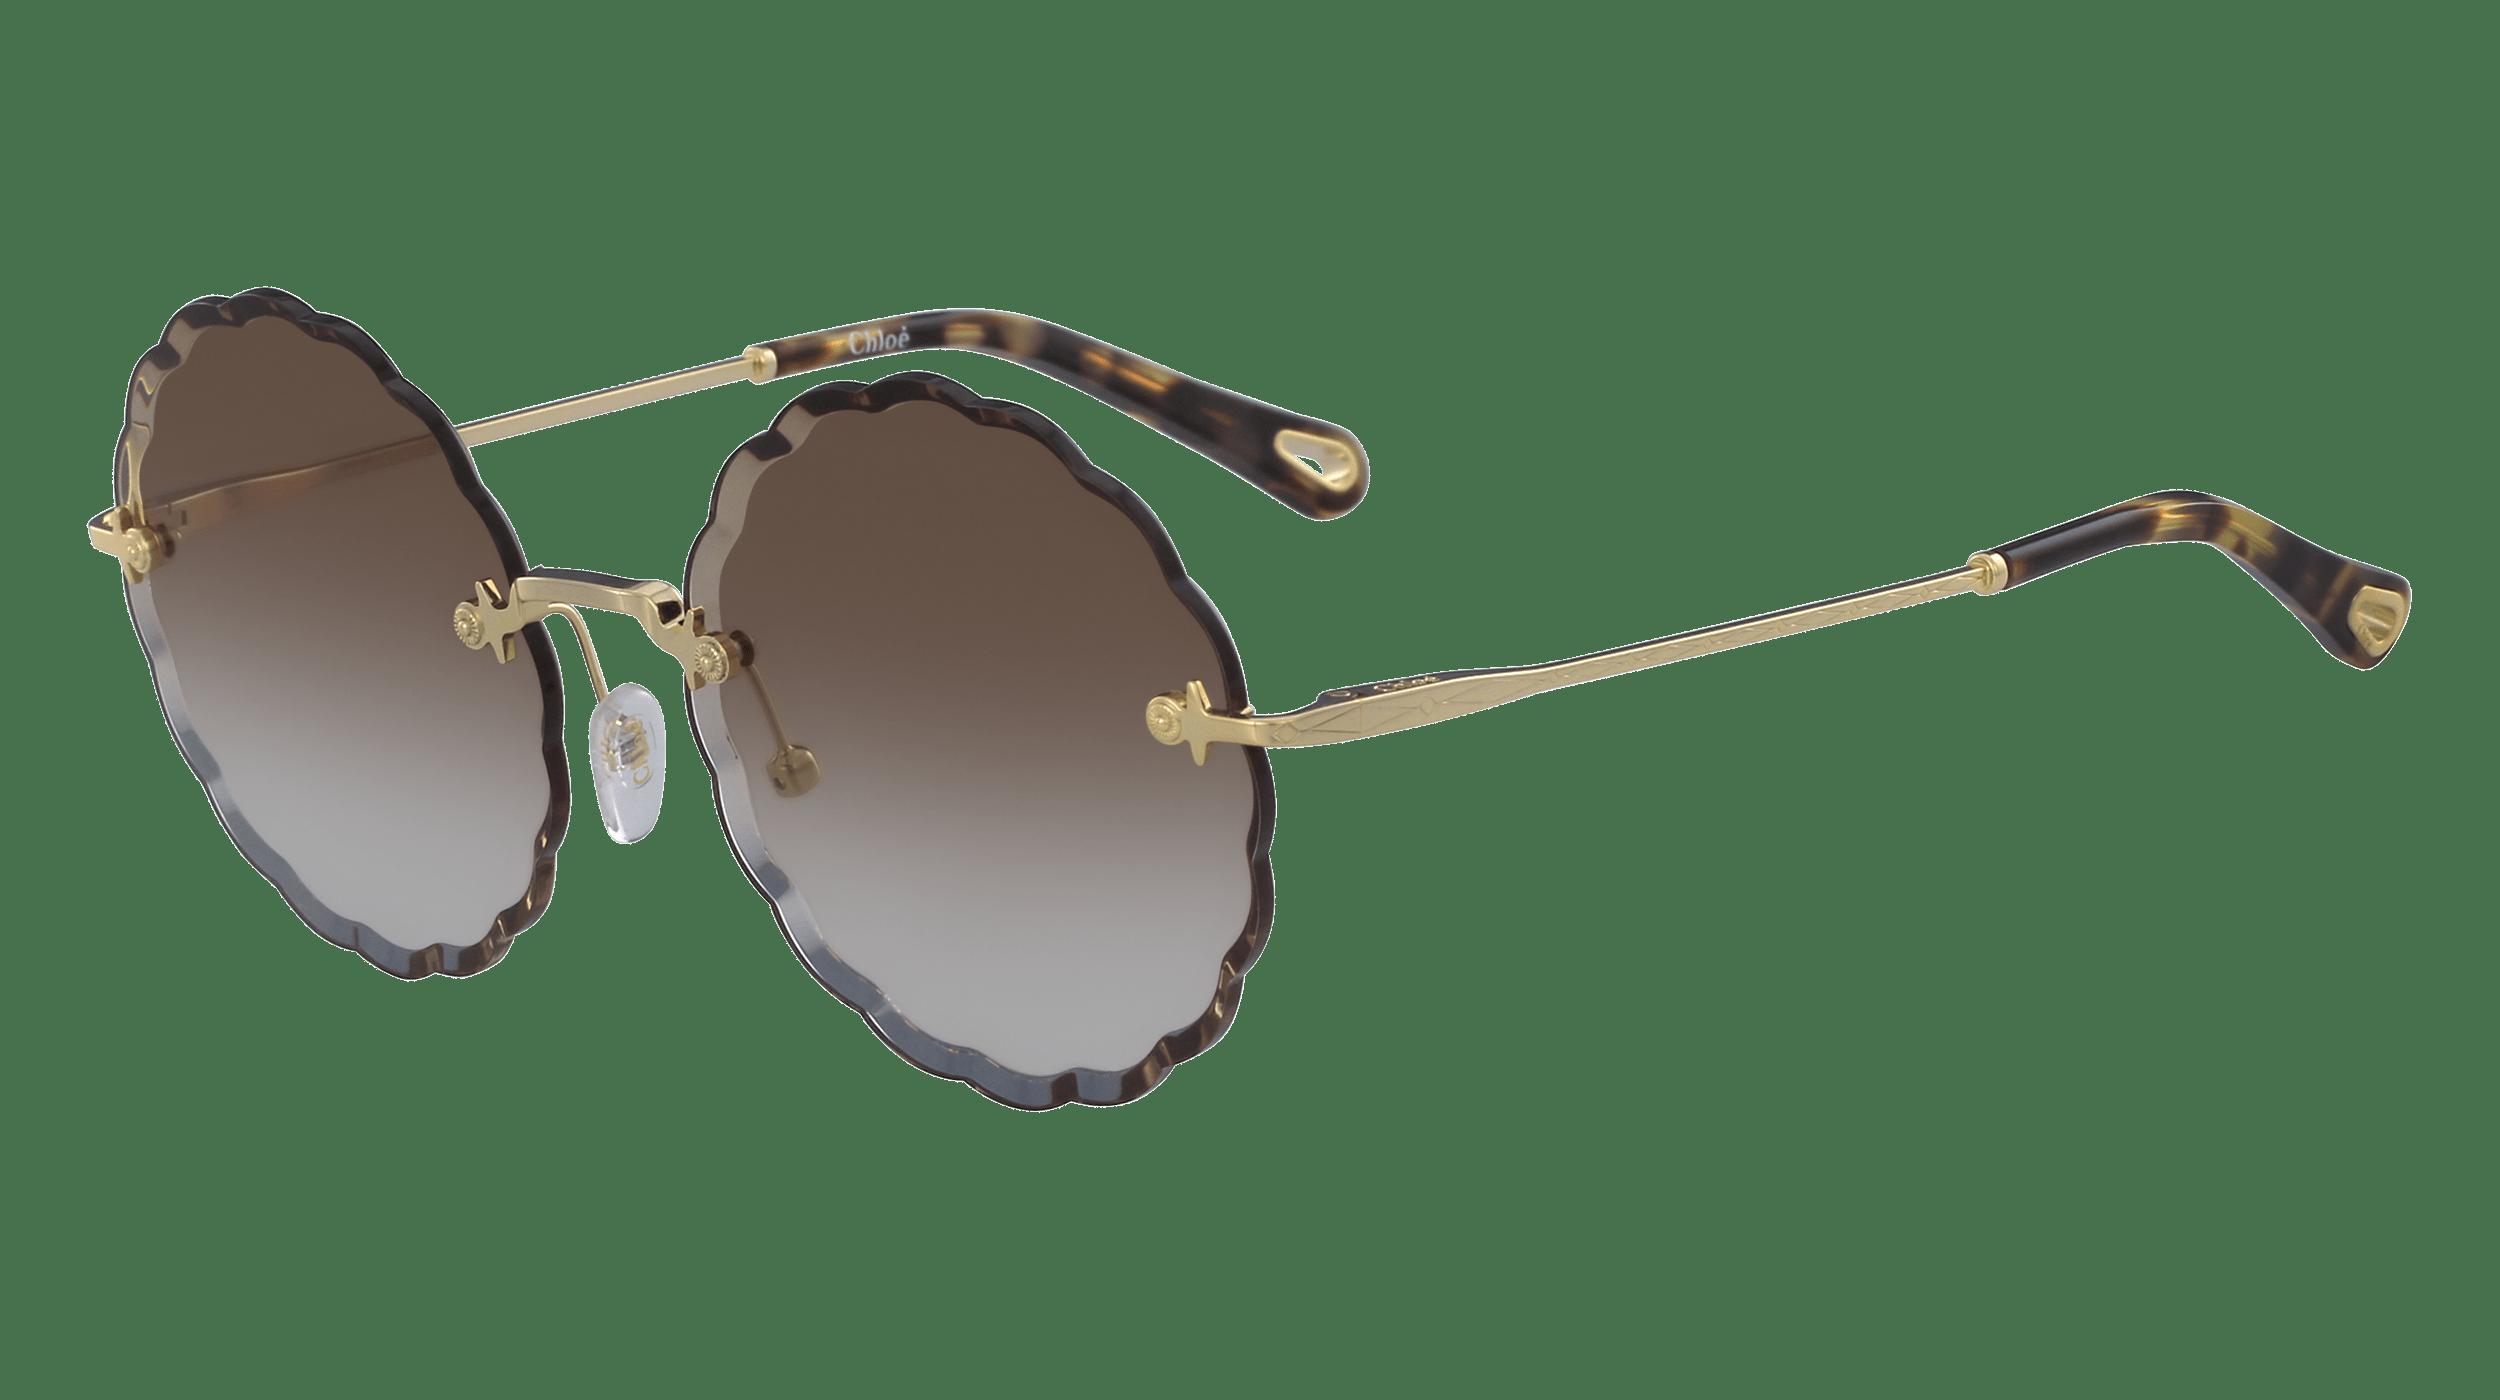 Runde Sonnenbrille von Cloé mit dunklen Applikationen am Rahmen, braun getönten Brillengläsern und goldenen Bügeln mit braunen Details am Bügelende.